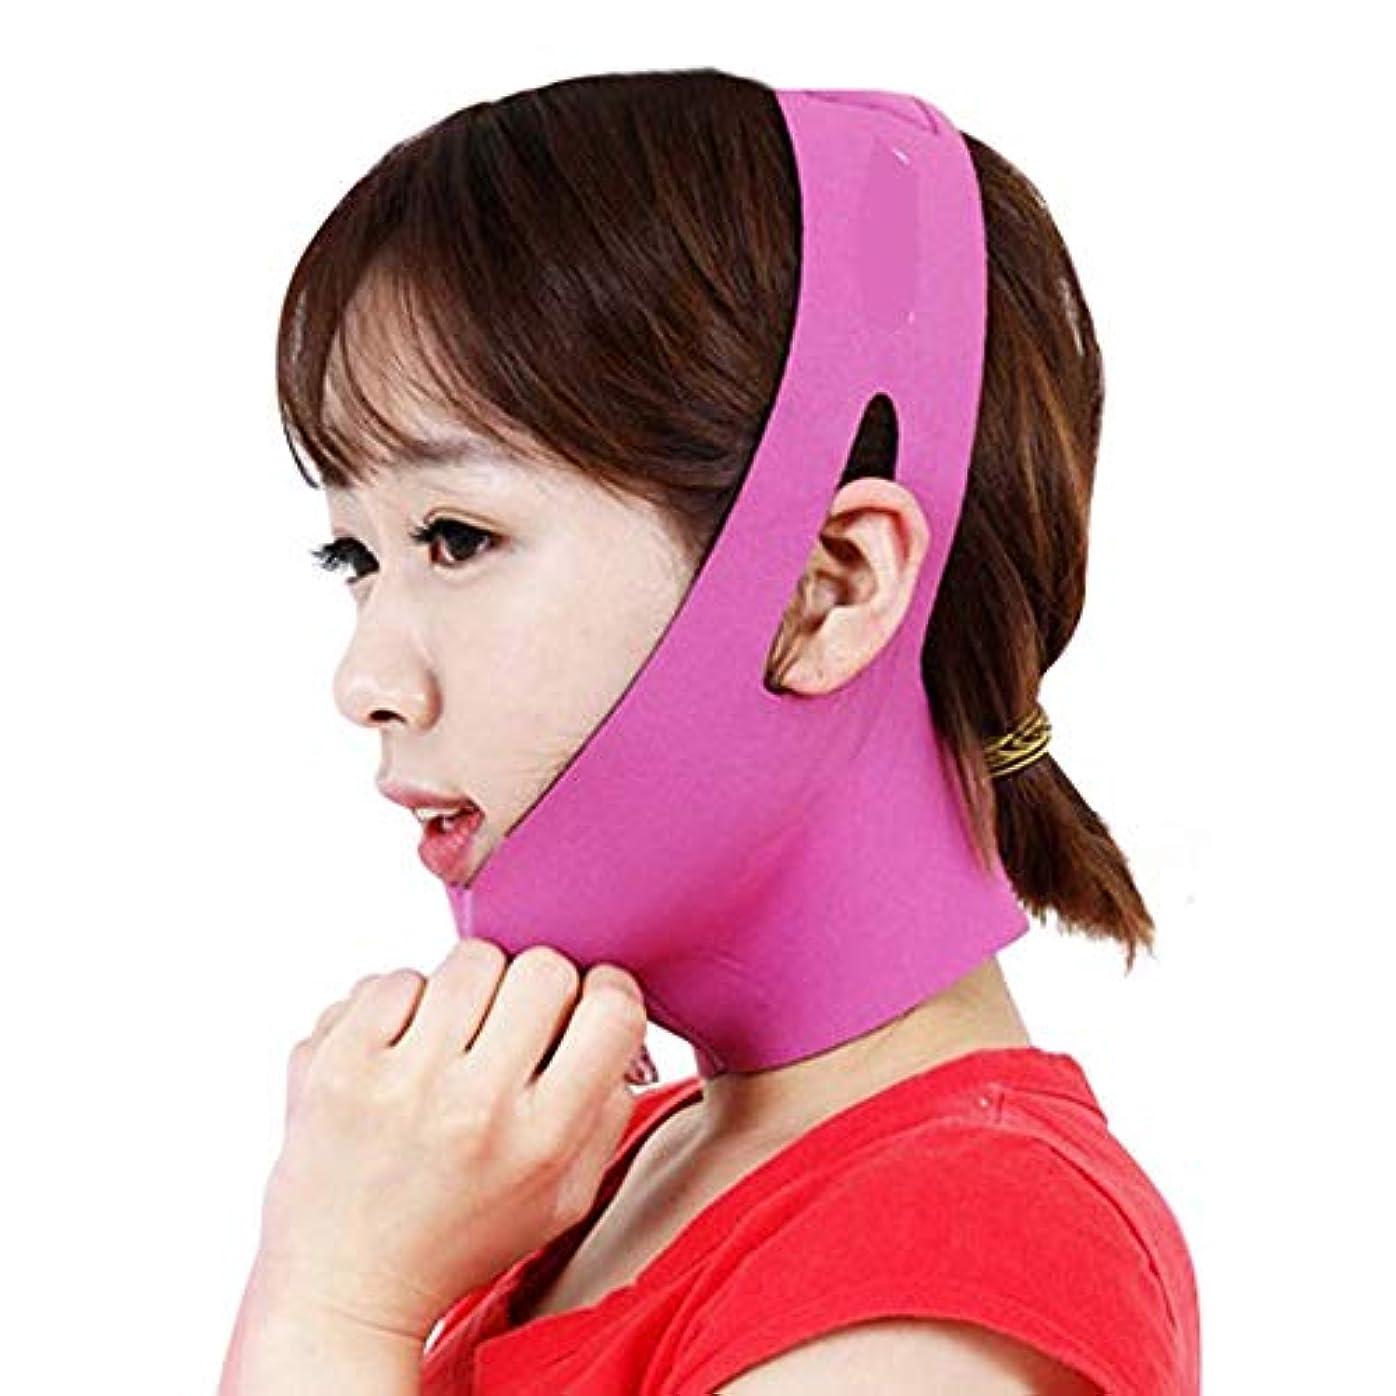 敬意似ている珍しいフェイシャルリフティング痩身ベルト圧縮二重あご減量ベルトスキンケア薄い顔包帯二重あごワークアウト (色 : Pink)